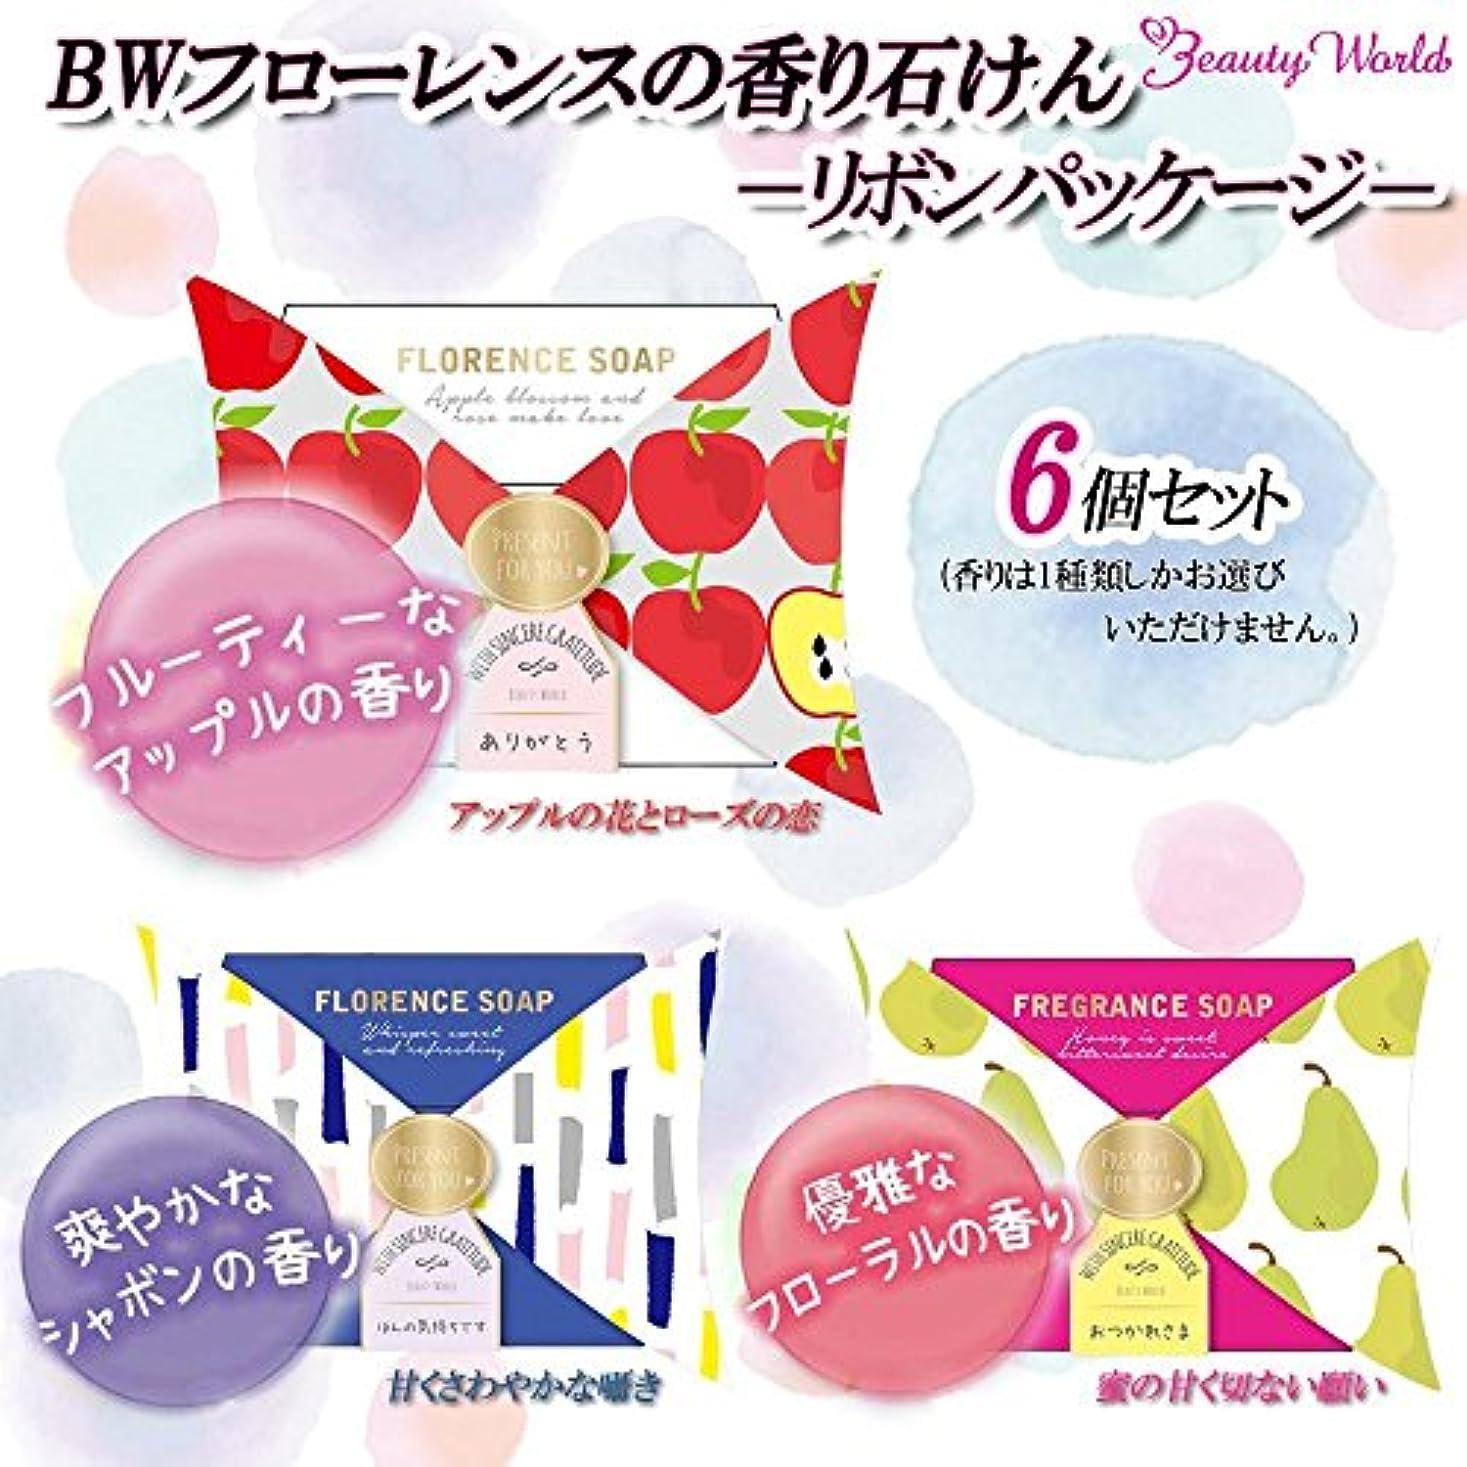 ブーム試用狂ったビューティーワールド BWフローレンスの香り石けん リボンパッケージ 6個セット ■3種類の内「FSP386?蜜の甘く切ない願い」を1点のみです